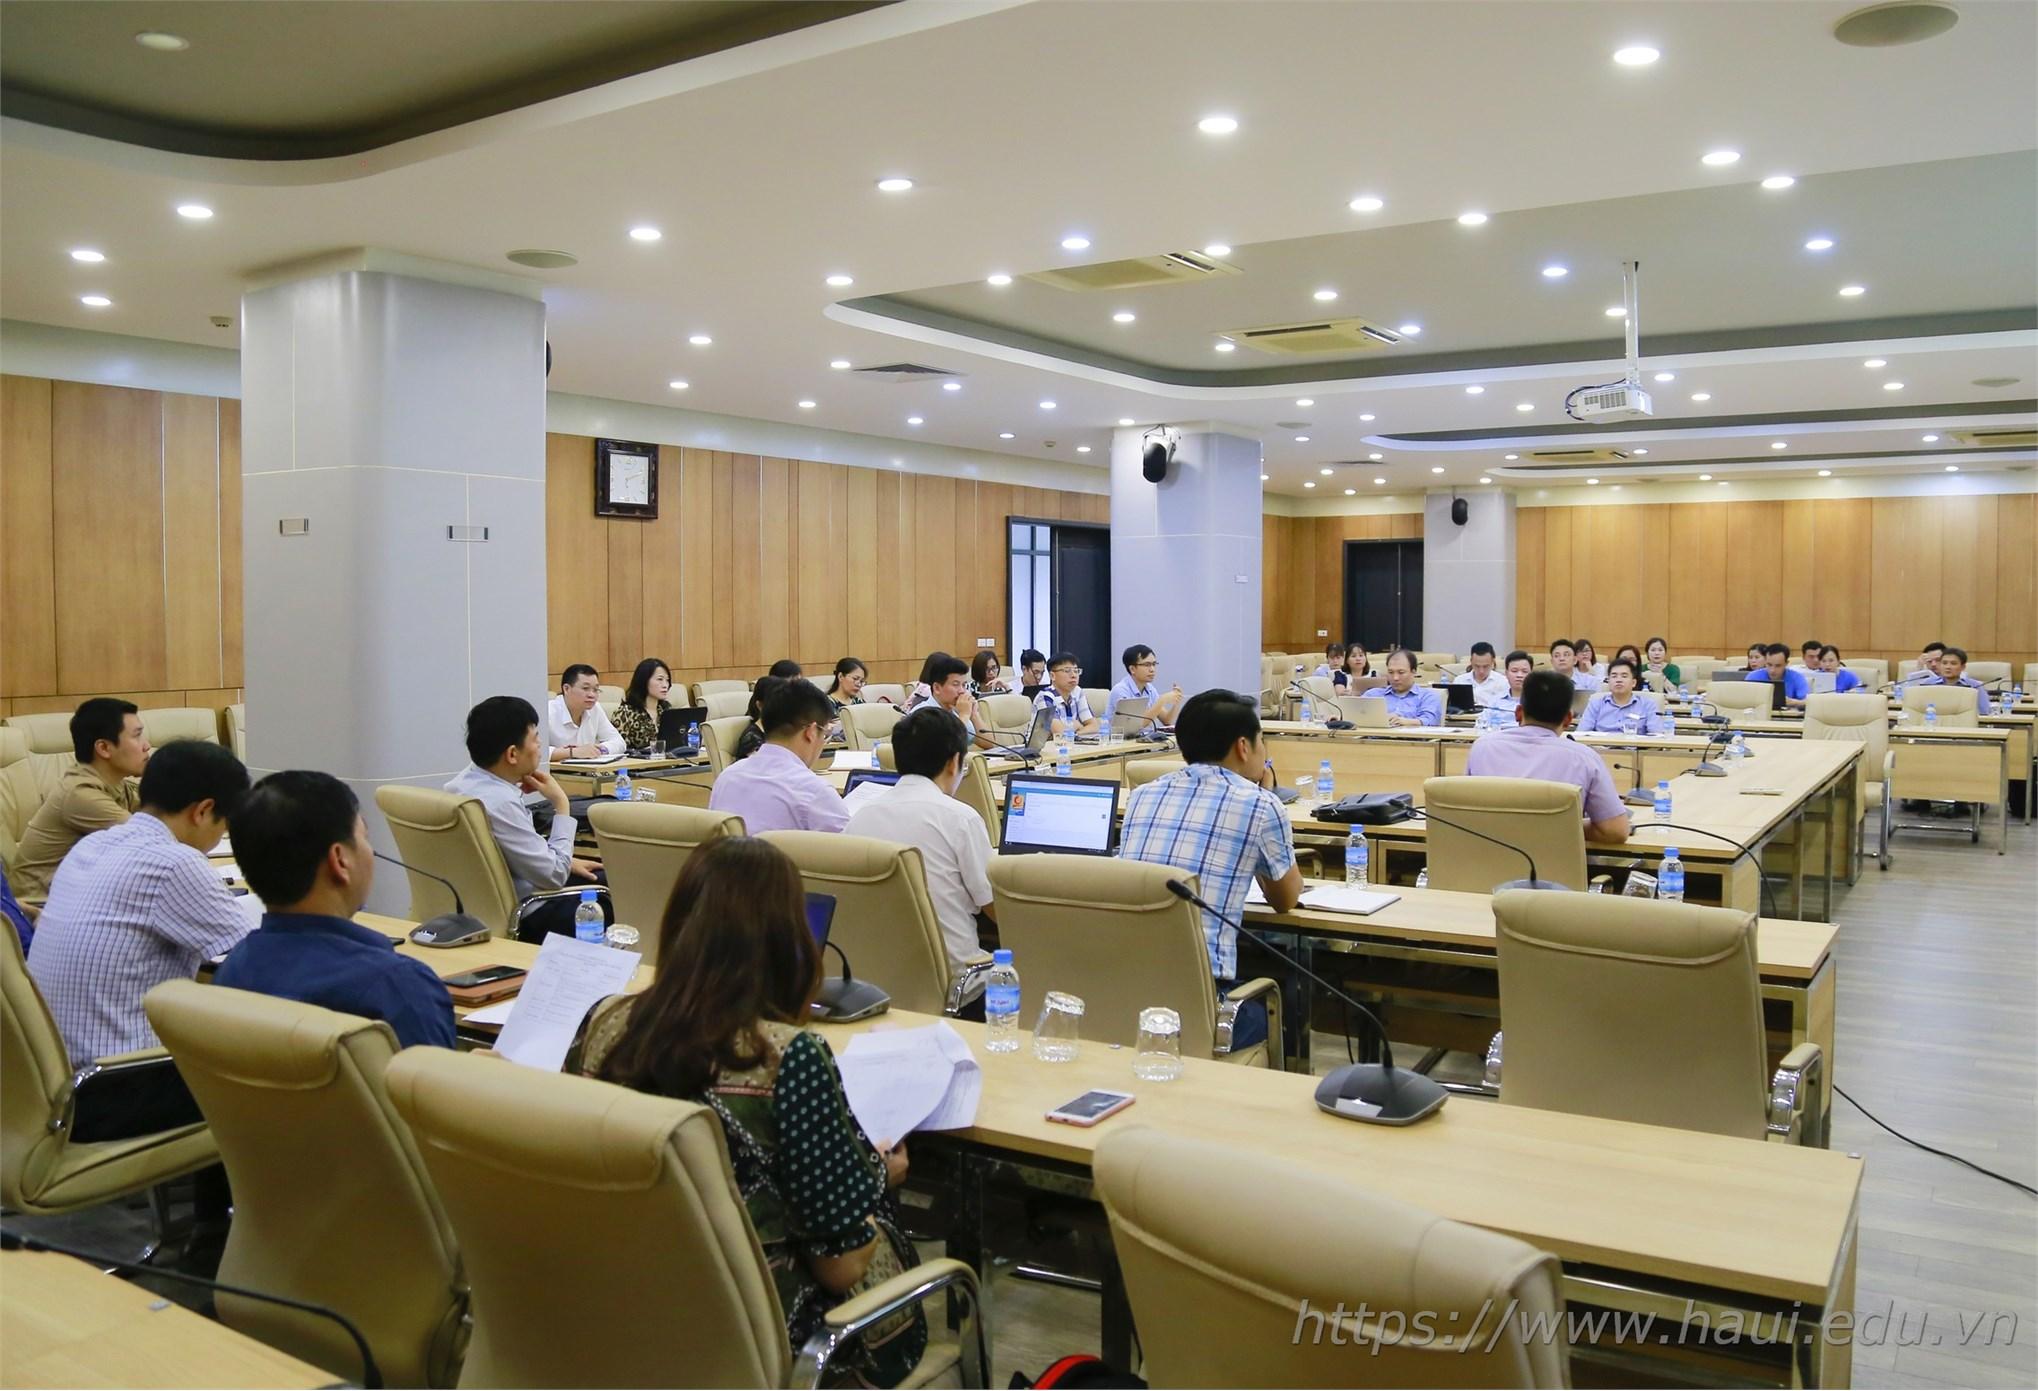 Tập huấn xây dựng hệ thống tài liệu và hướng dẫn sử dụng phần mềm kiểm định chất lượng